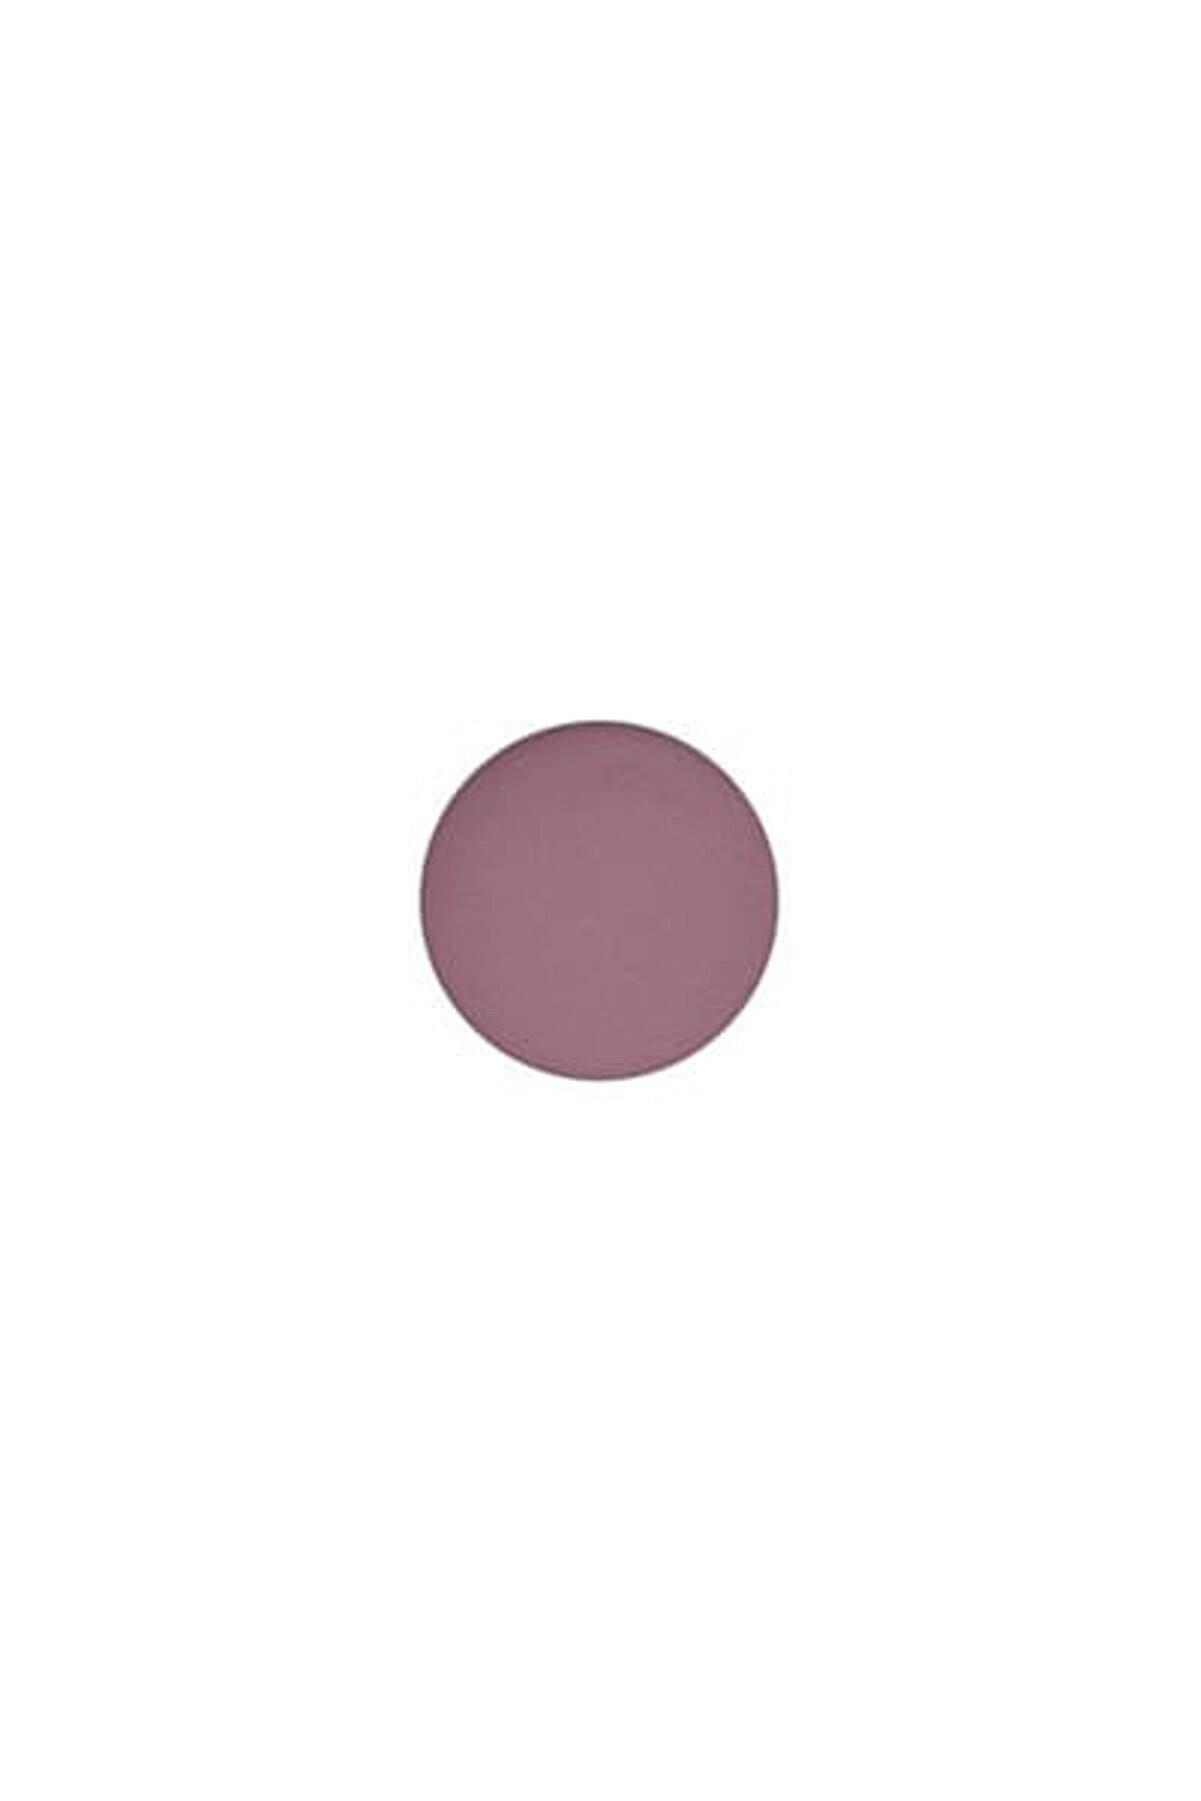 Mac Göz Farı - Refill Far Blackberry 1.5 g 773602960668